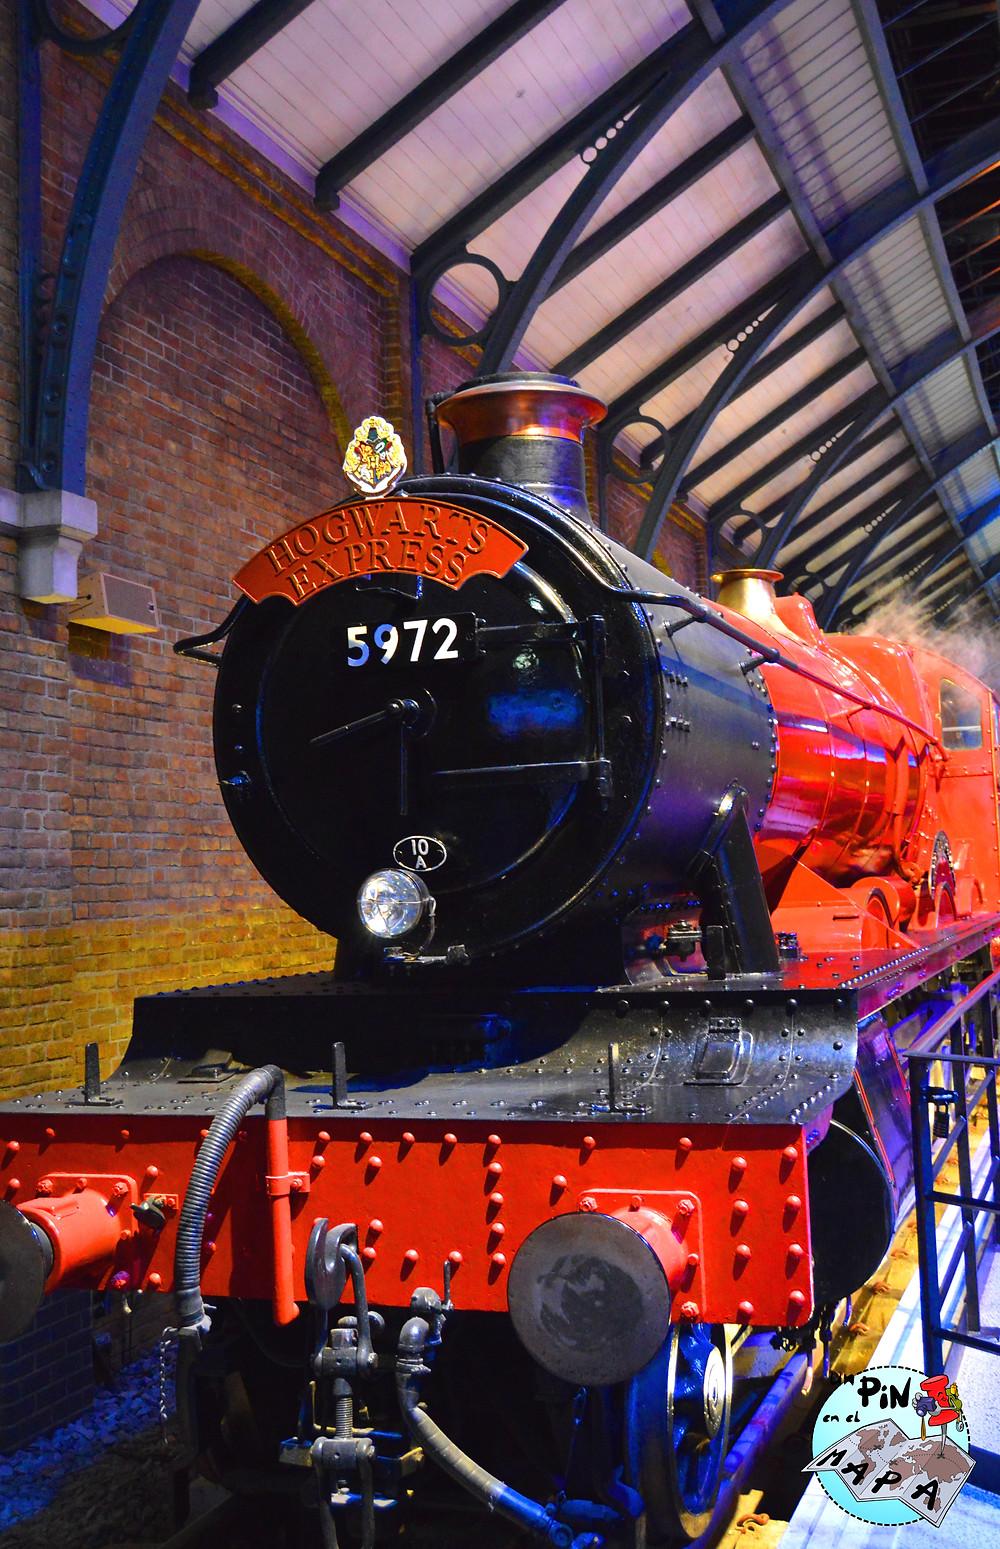 Harry Potter studios | Un Pin en el Mapa